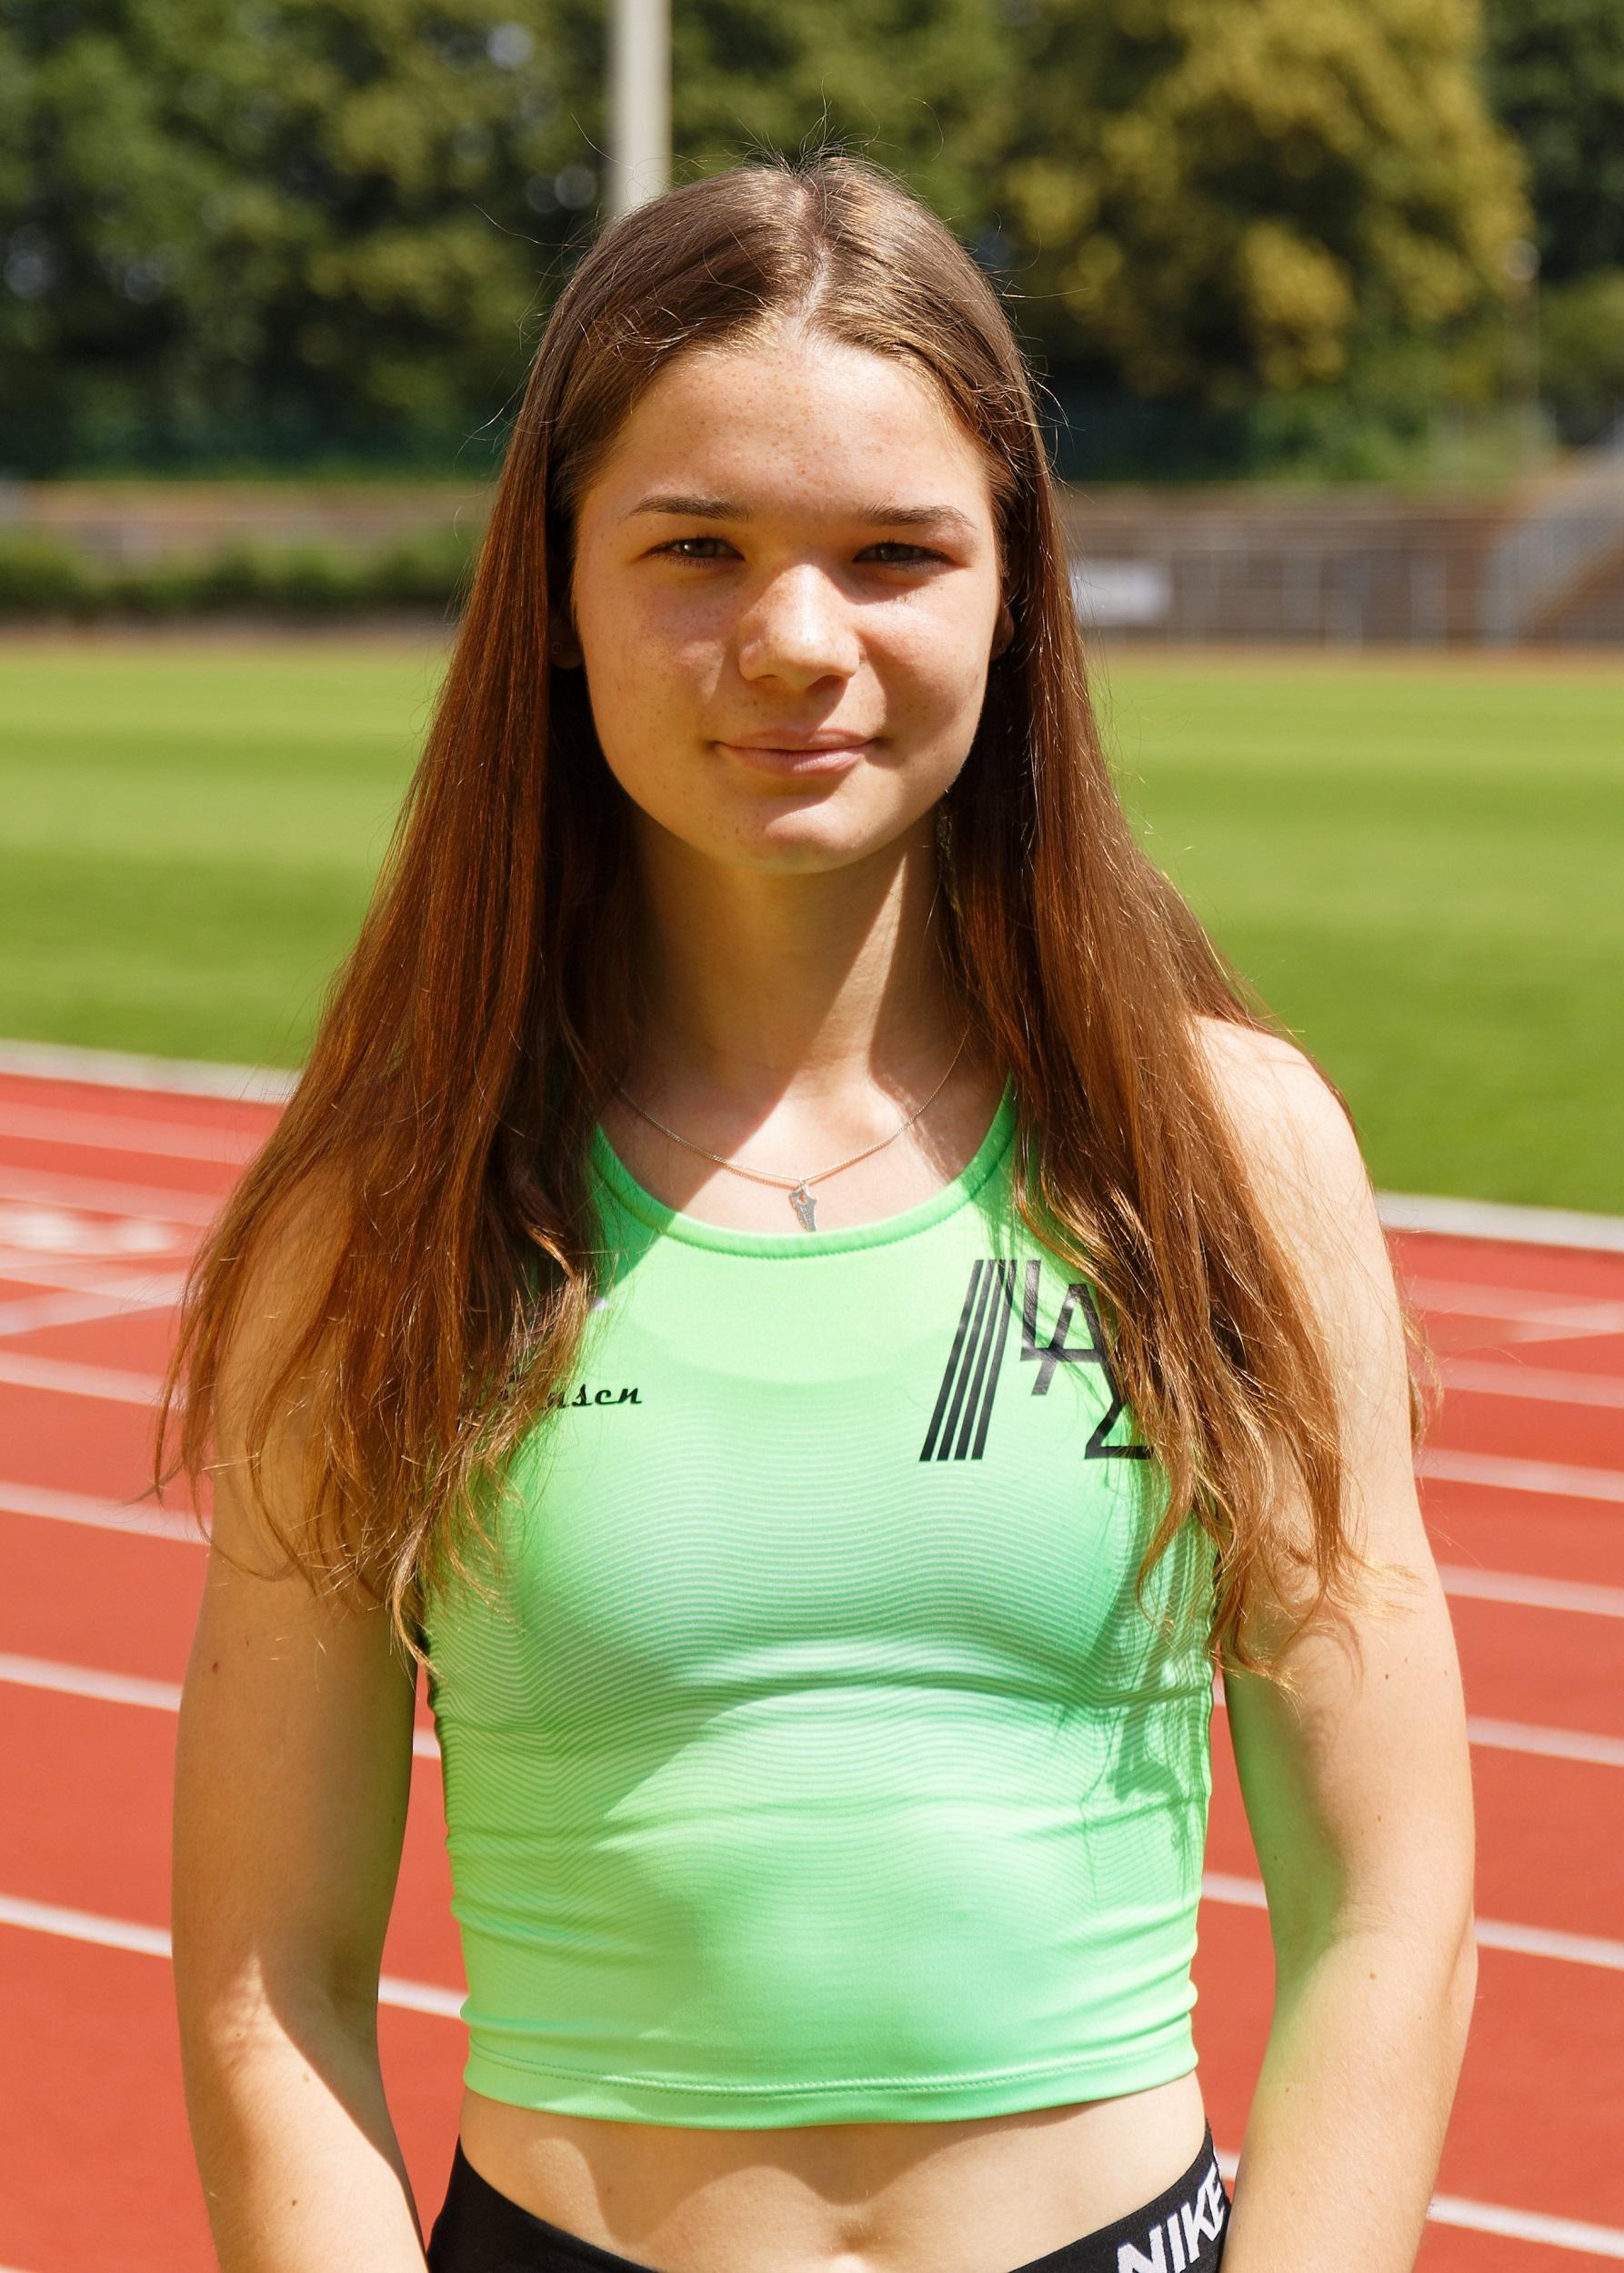 Christina Lehnen